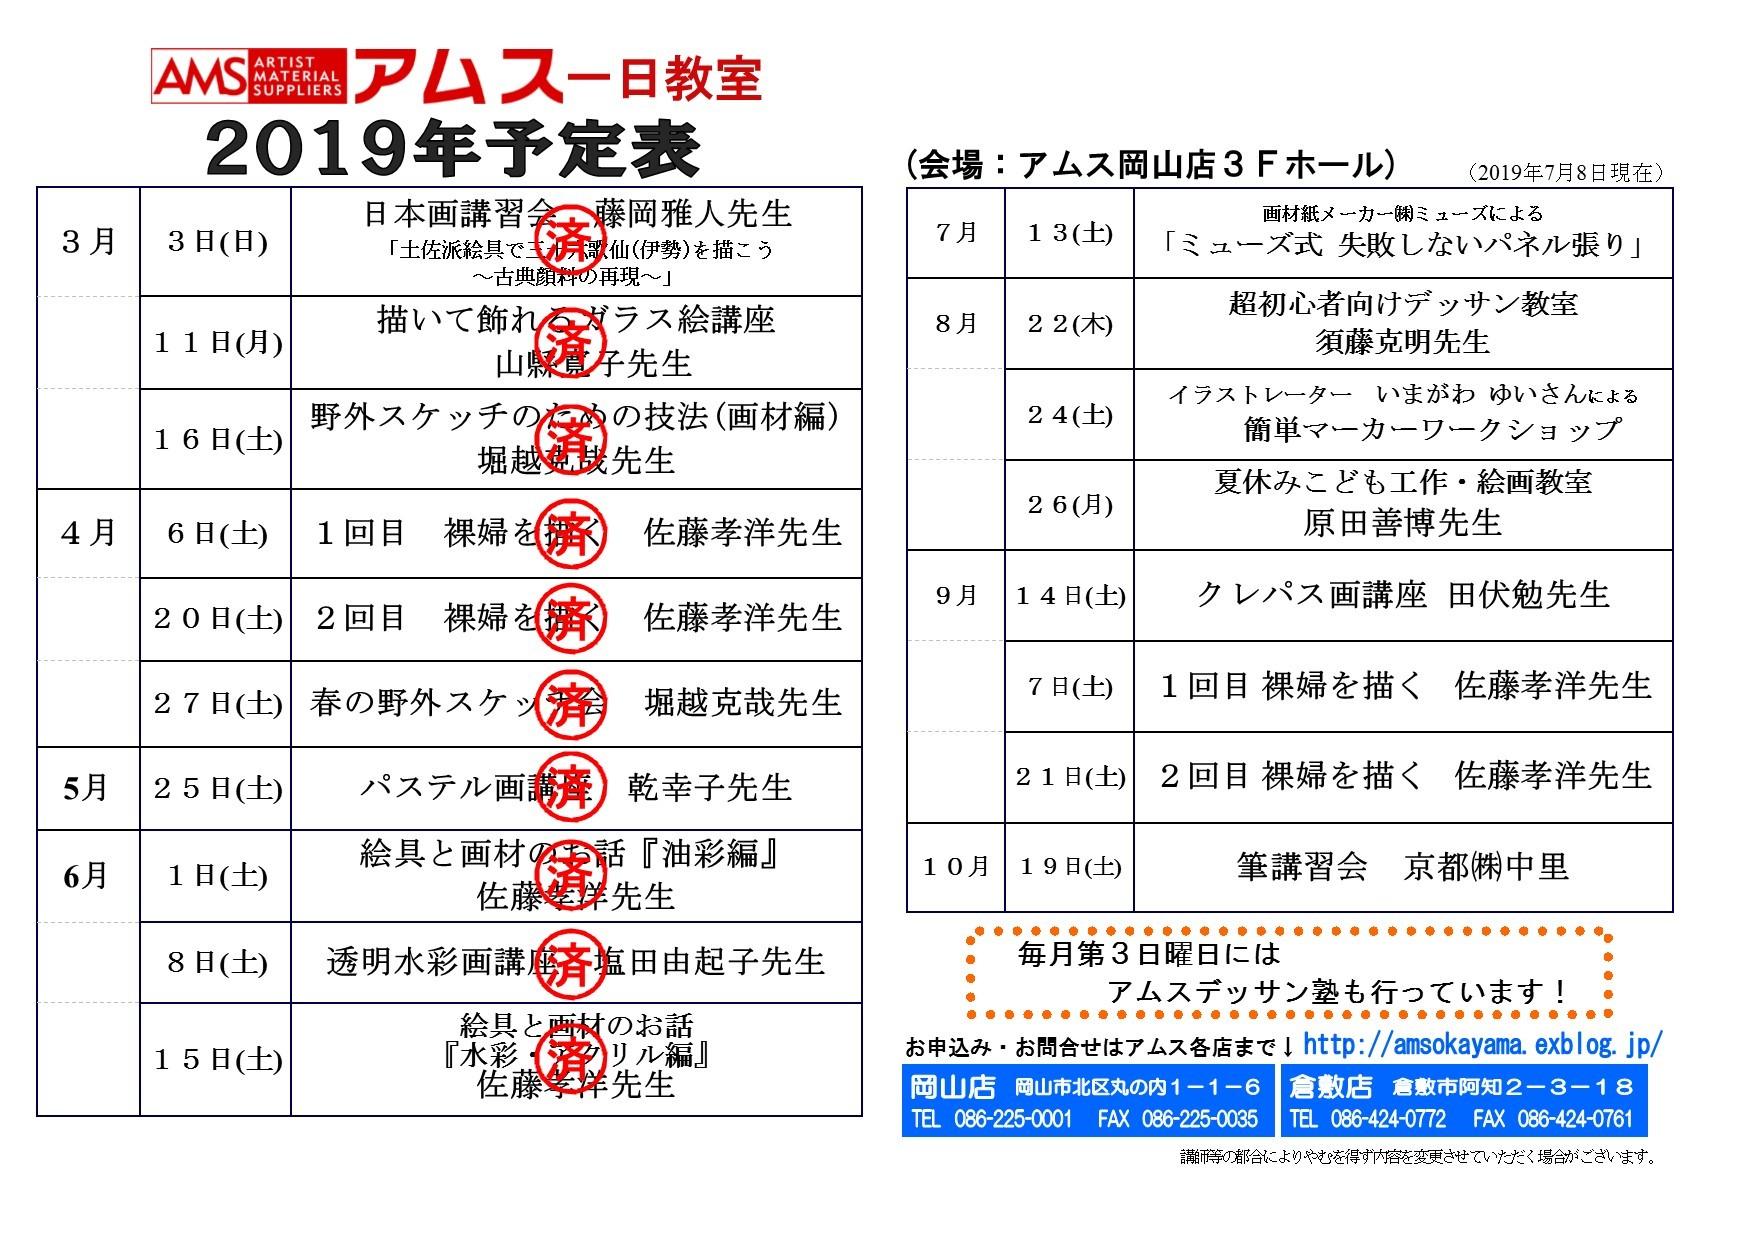 2019年アムス一日教室予定表のご案内_f0238969_19315905.jpg